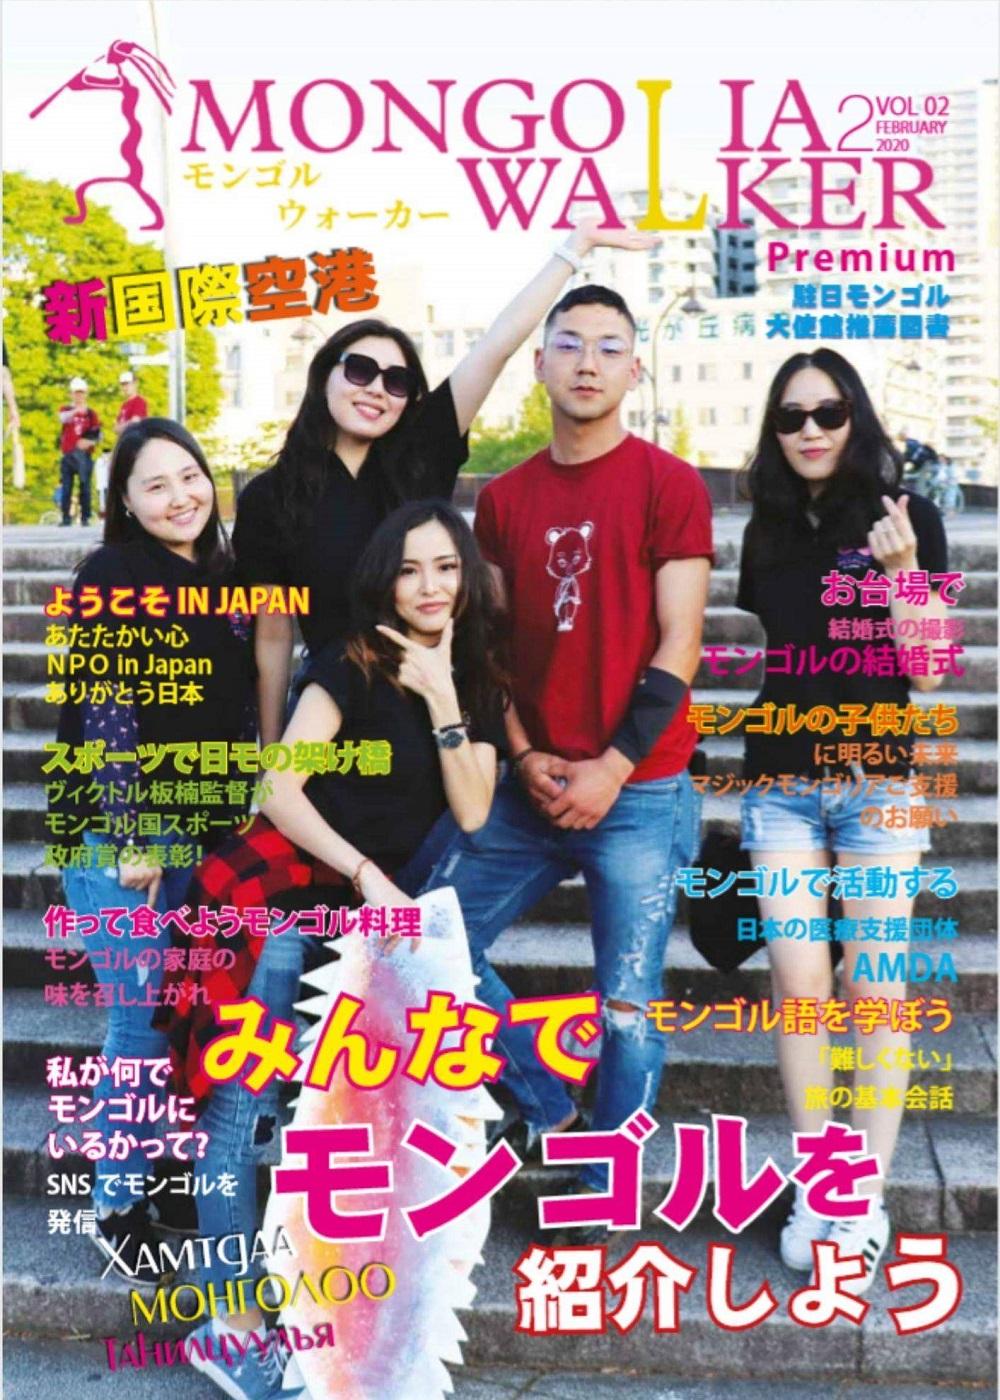 モンゴルウォーカー誌PREMIUM Vol.02